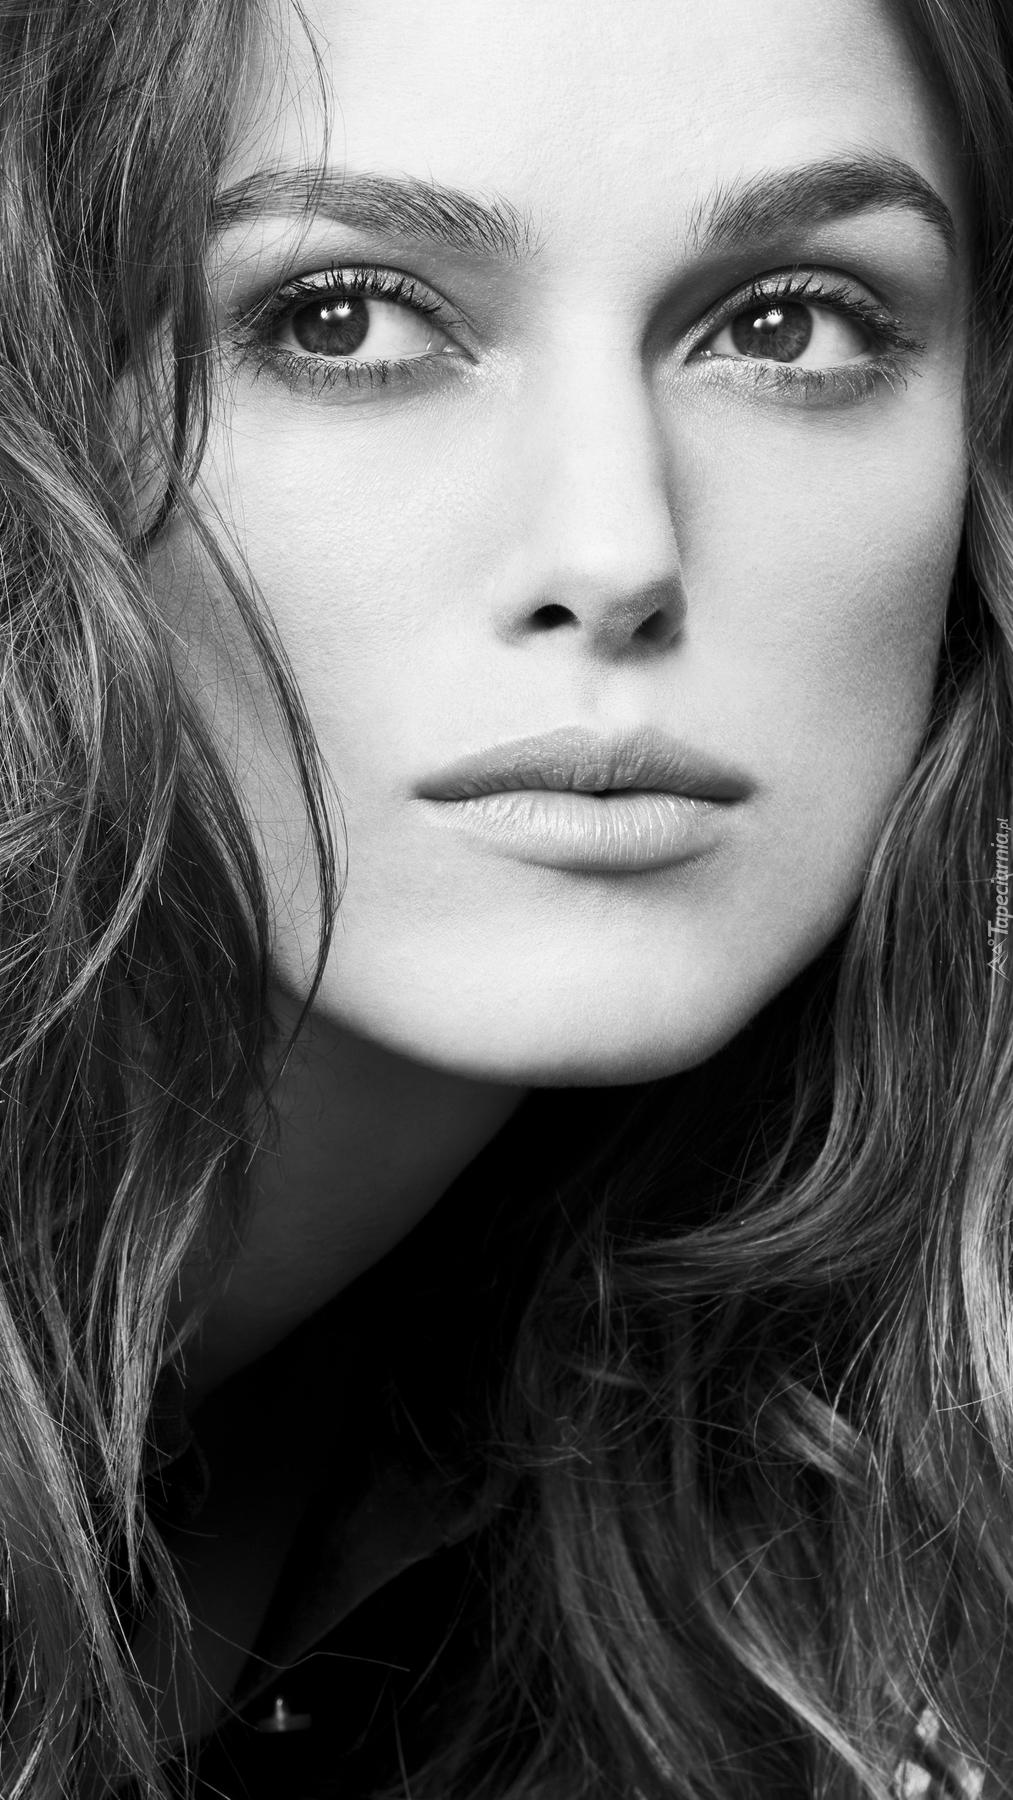 Czarno-białe zdjęcie Keiry Knightley